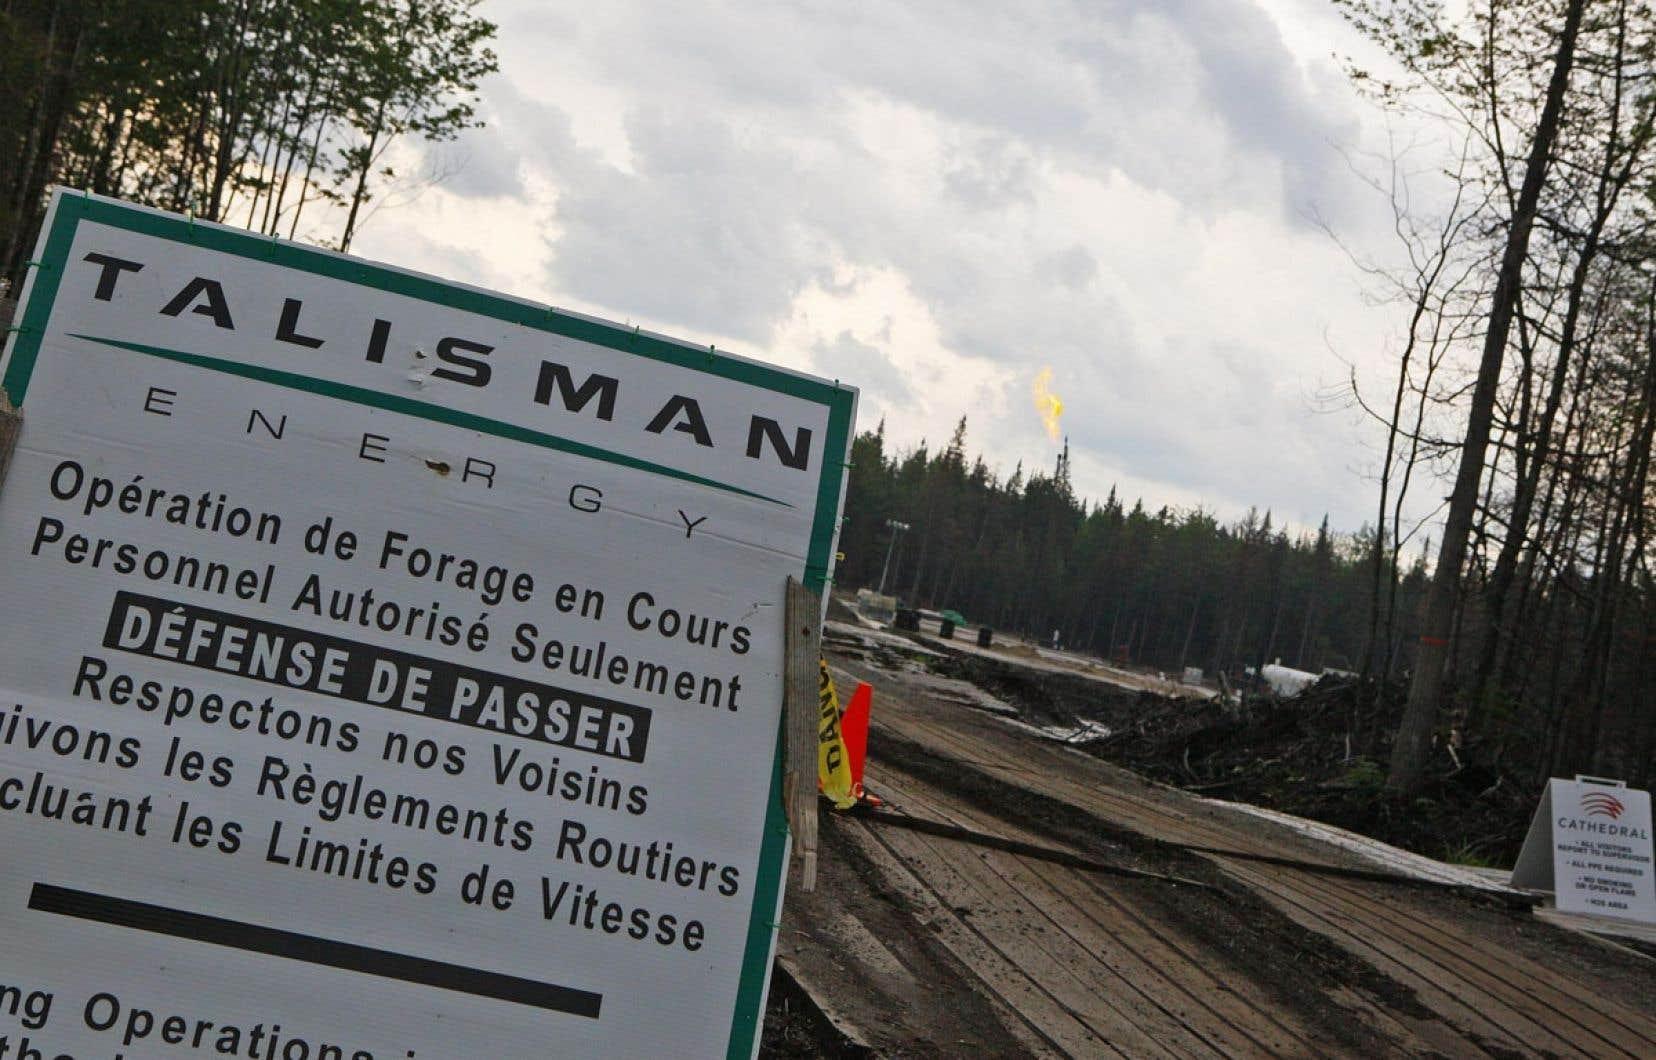 Sans s'engager à interdire l'activité pétrolière et gazière dans les basses terres, le ministre Pierre Arcand a avancé que le gouvernement ne délivrerait «probablement pas» pour le moment les certificats d'autorisation nécessaires. Ci-dessus, Talisman forait en 2010 à Saint-Édouard-de-Lotbinière.